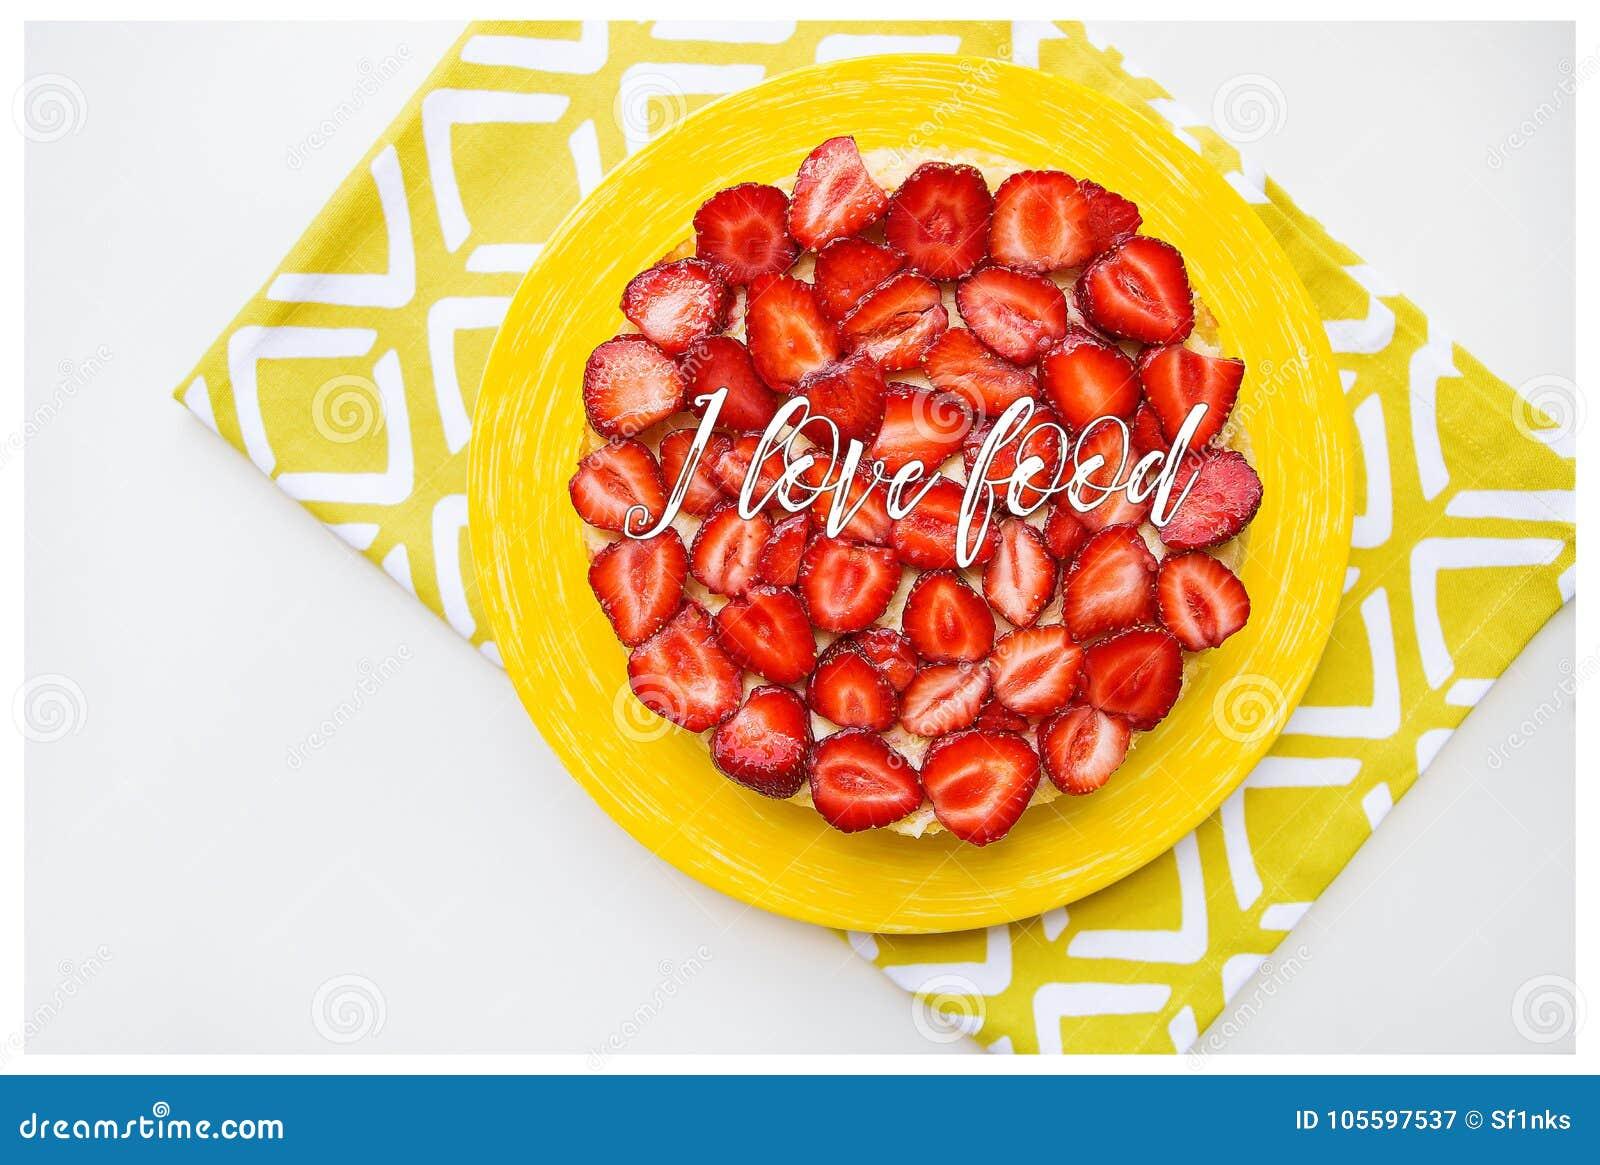 Torta brillante y deliciosa de la fresa en una servilleta amarilla, la comida del amor de la inscripción I